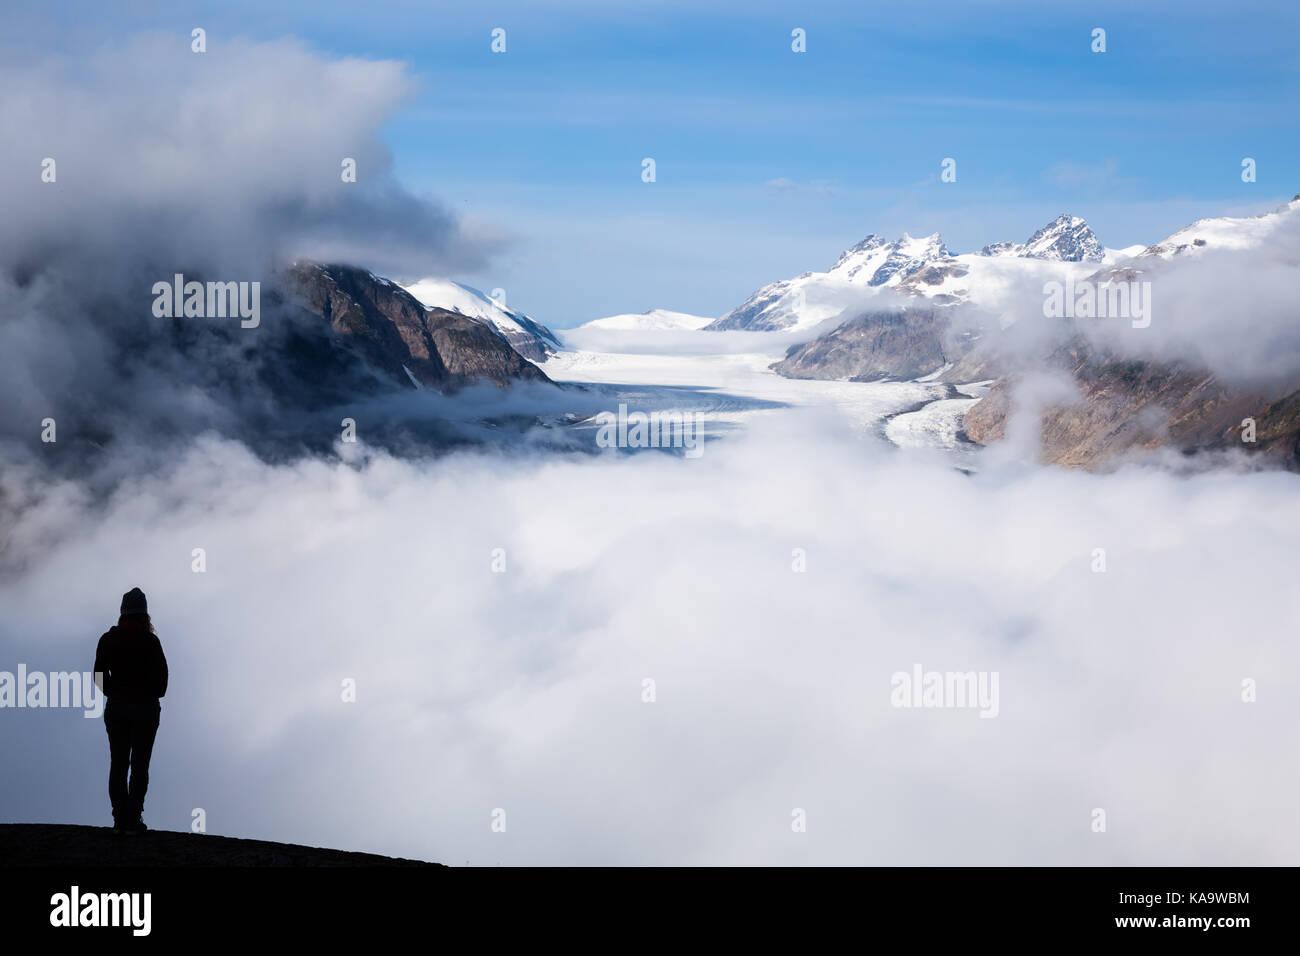 Justo después del amanecer, un salmón niebla picos del glaciar desde detrás de las nubes. El sol Imagen De Stock